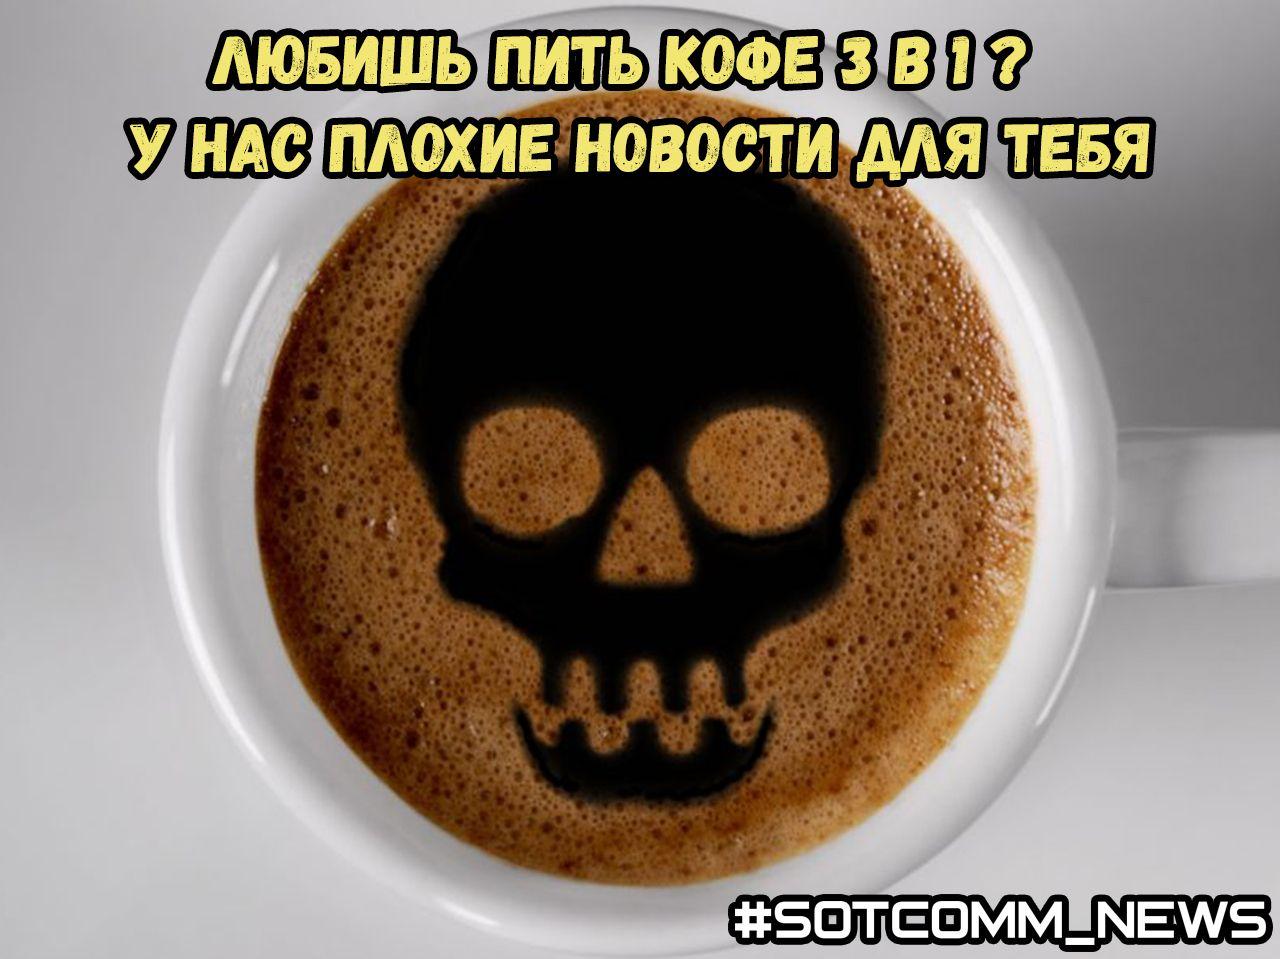 Росконтроль поделился шокирующими результатами исследований кофе 3 в 1